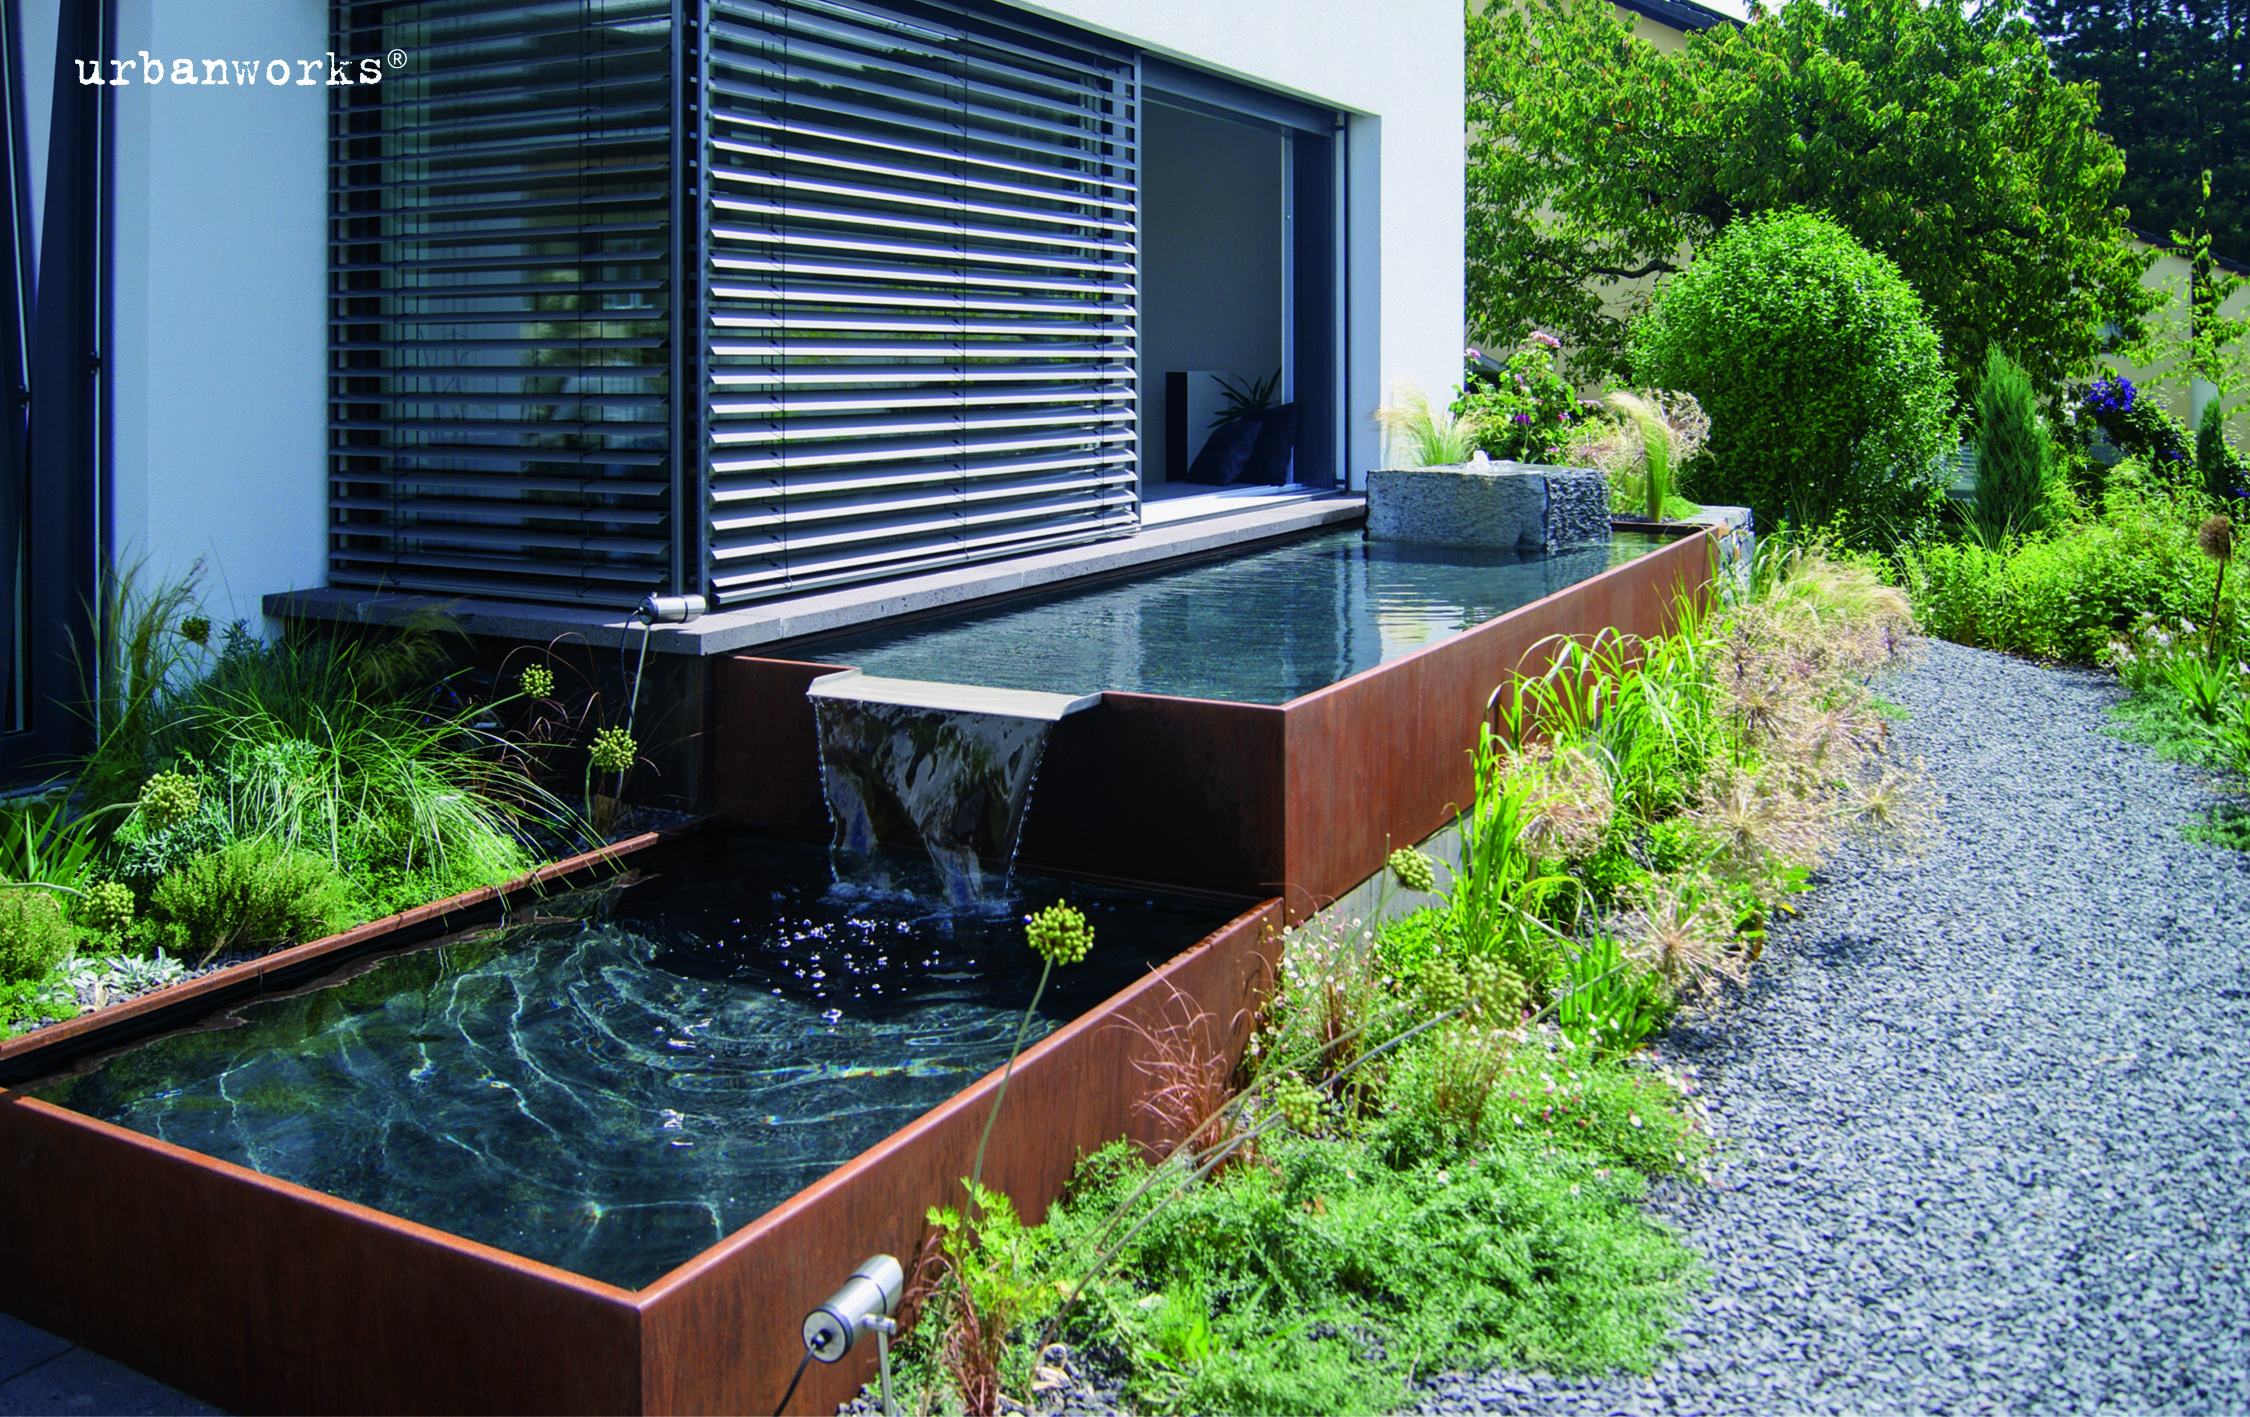 Aqualinea Kaskadenbrunnen System Wasserbecken Garten Wasserspiel Garten Brunnen Garten